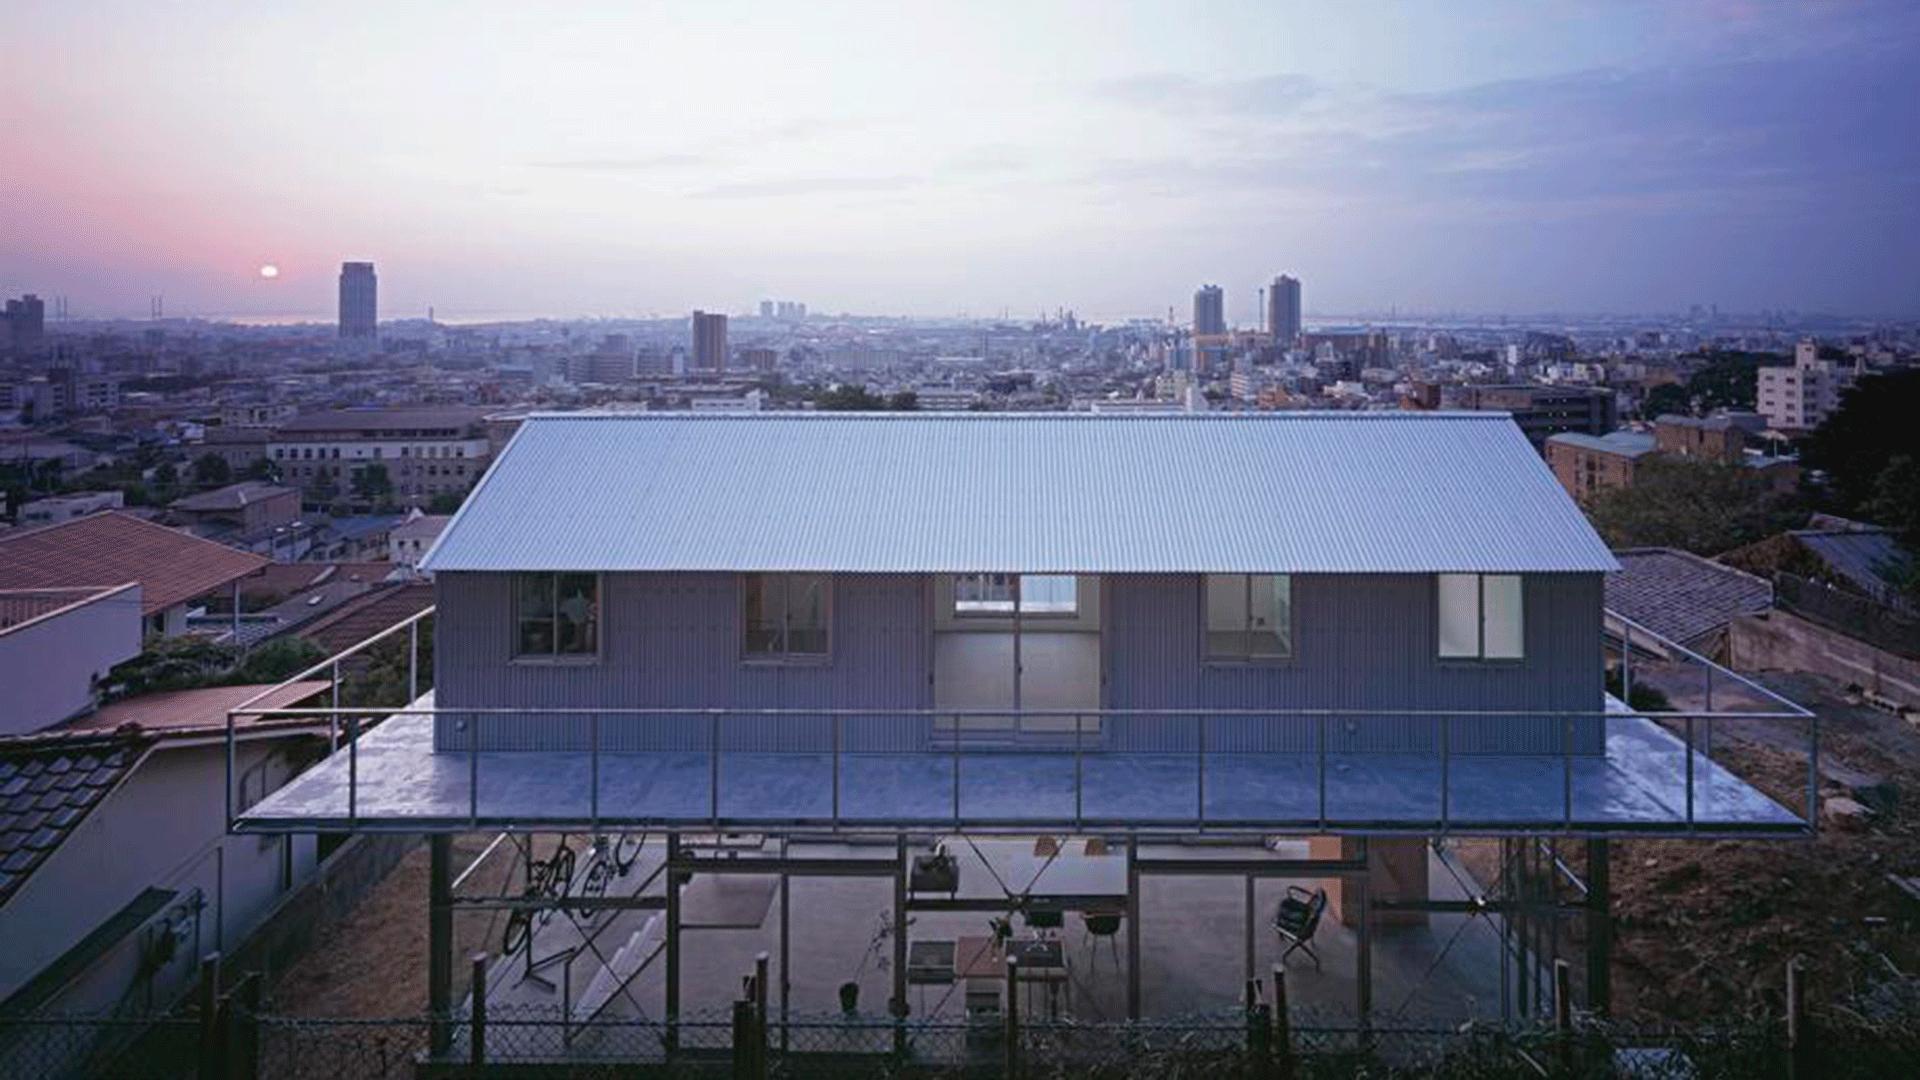 Casa de dos pisos en Japón con estructura metálica y la parte de abajo acristalada